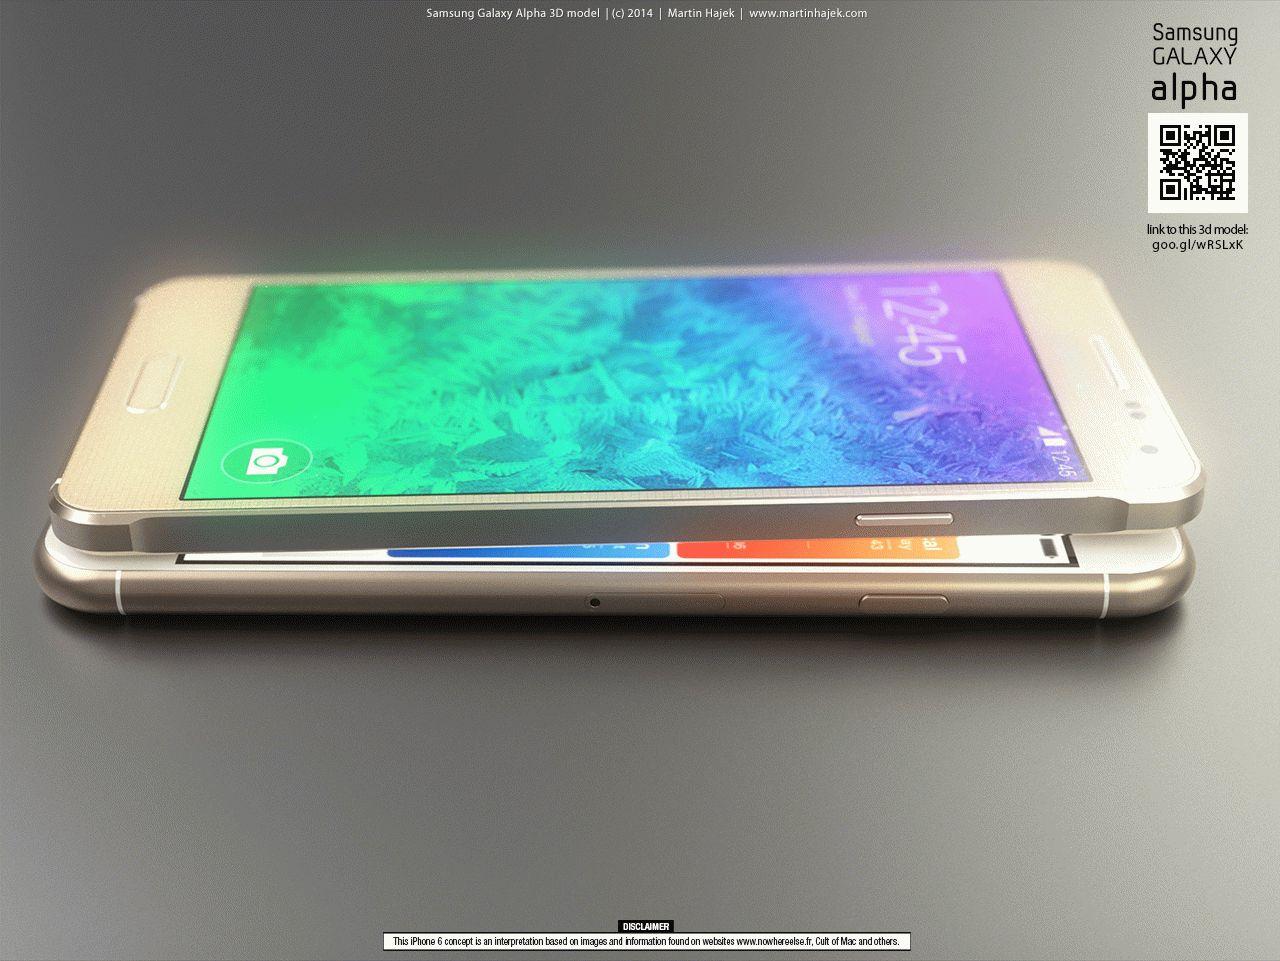 kak-daleko-samsung-zashla-v-kopirovanii-apple-galaxy-alpha-protiv-iphone---